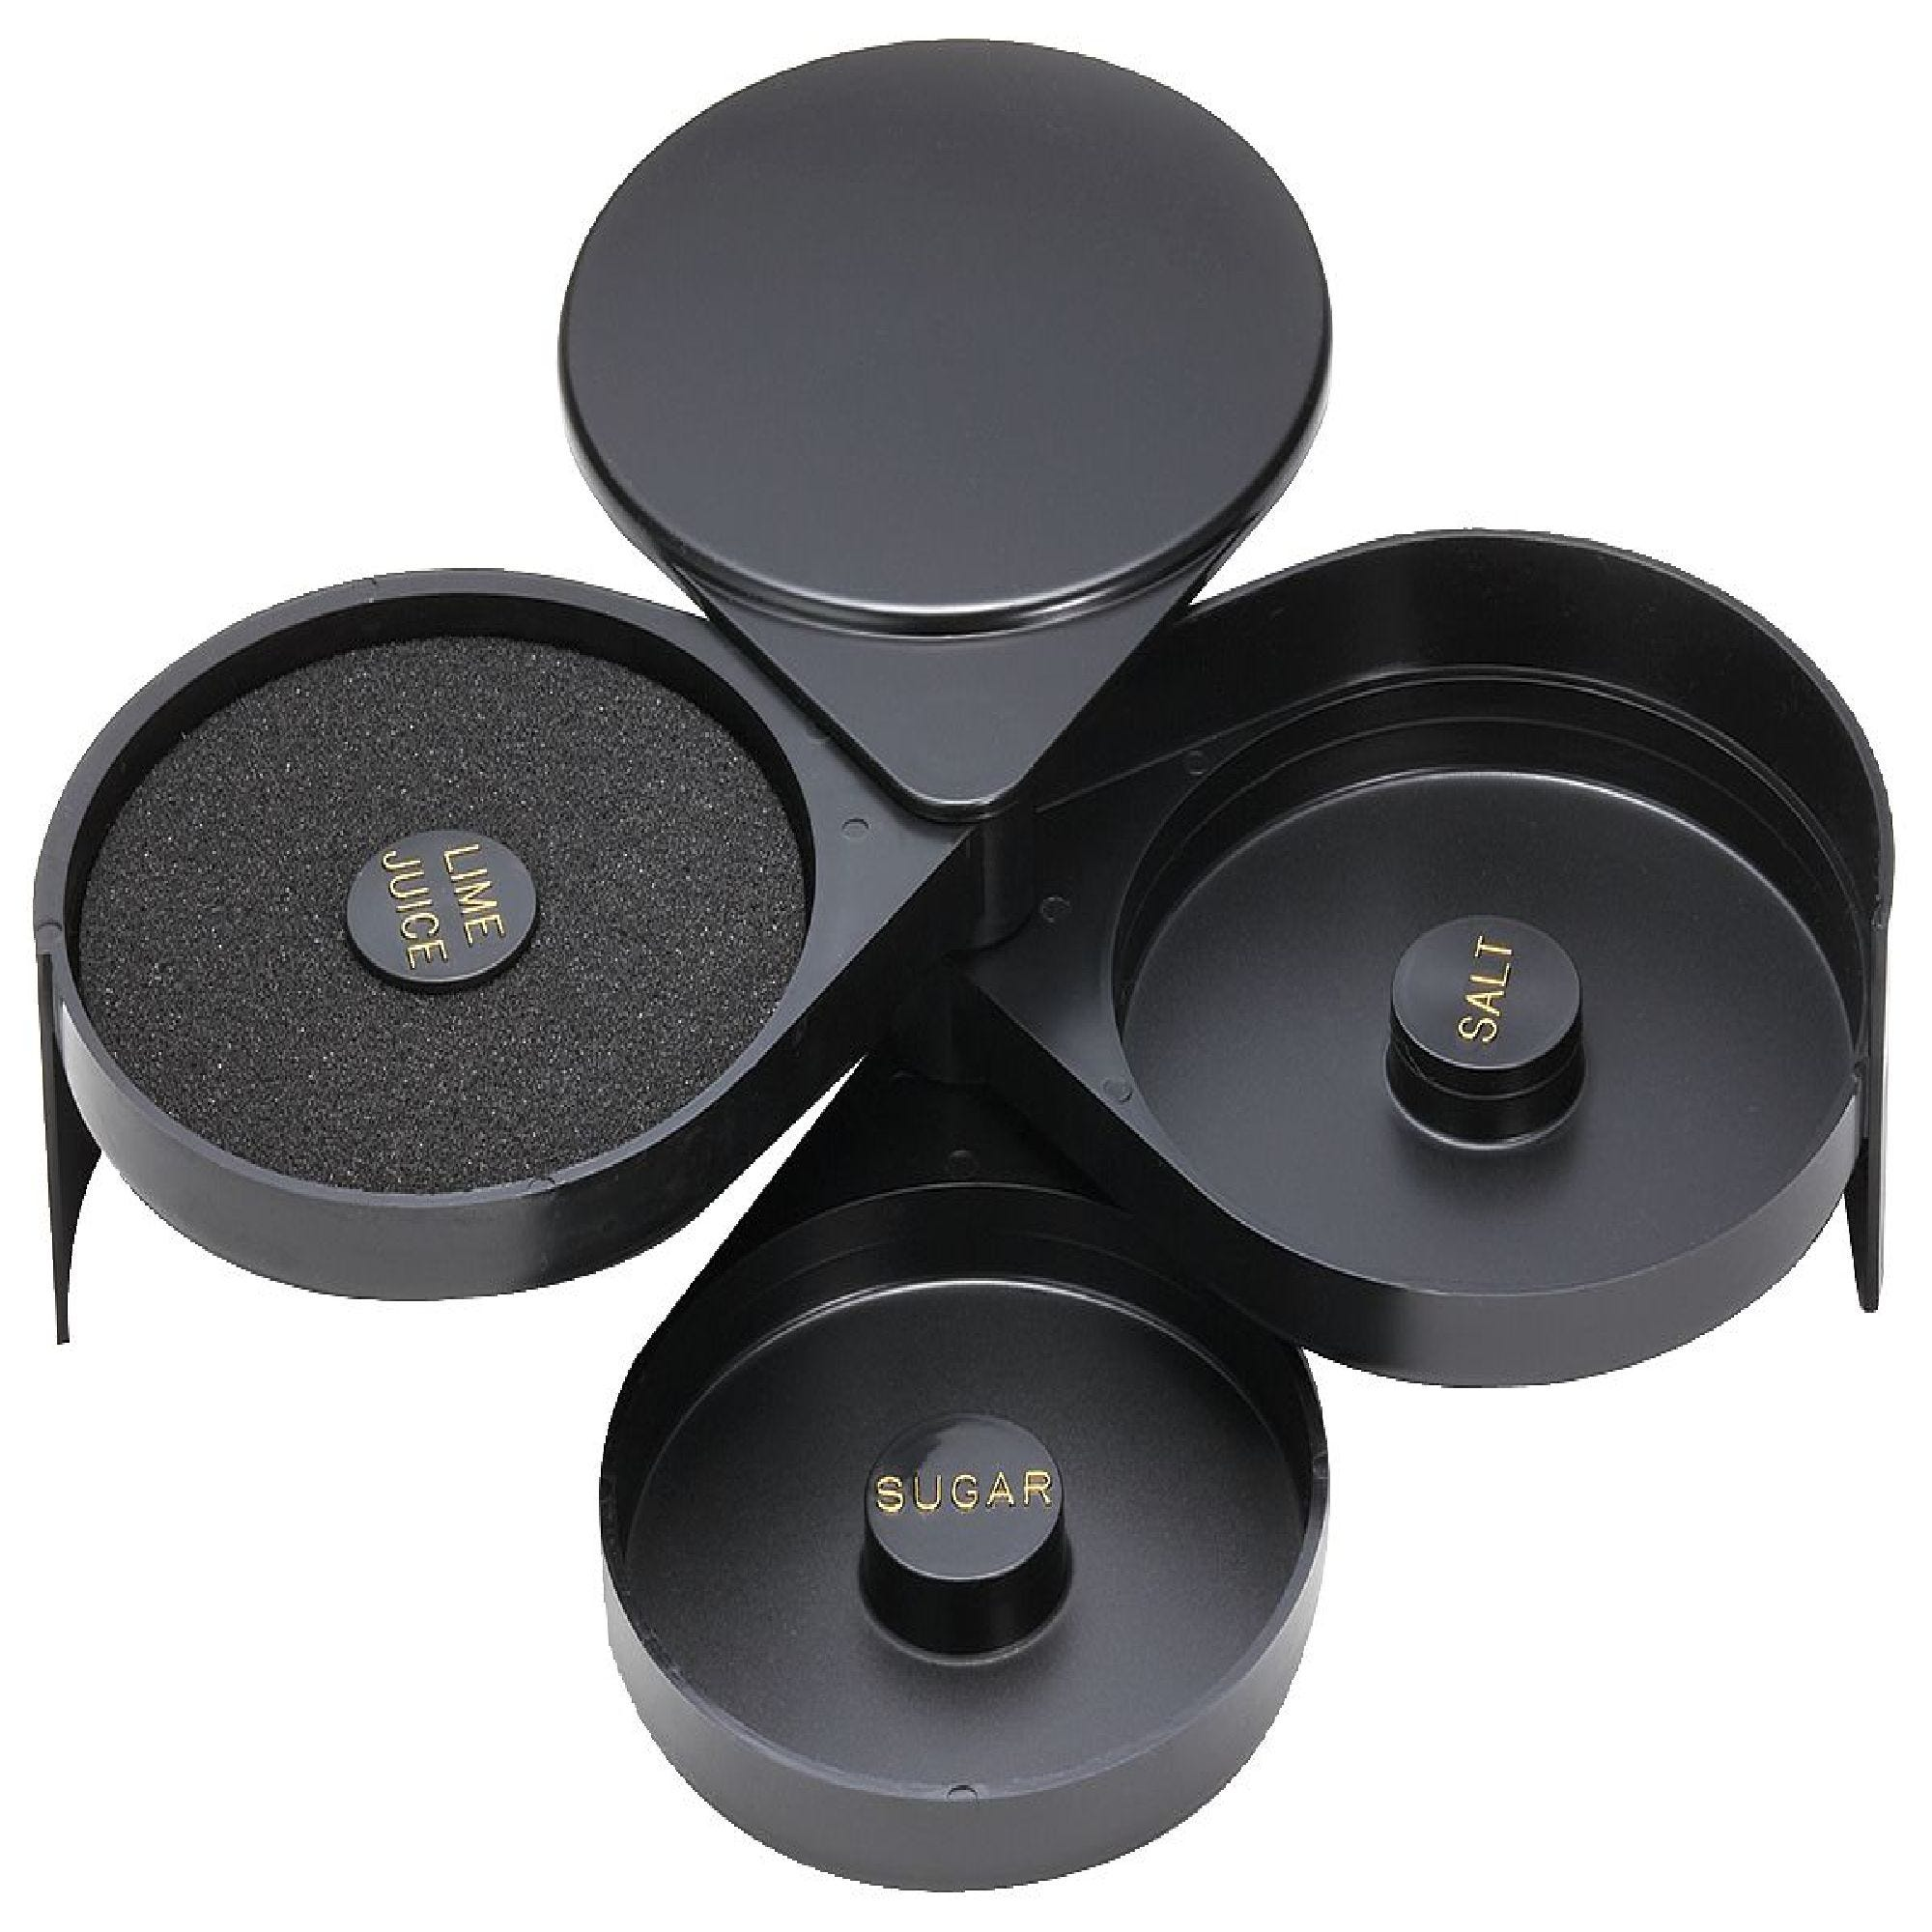 Escarchador para margaritas de plástico color negro